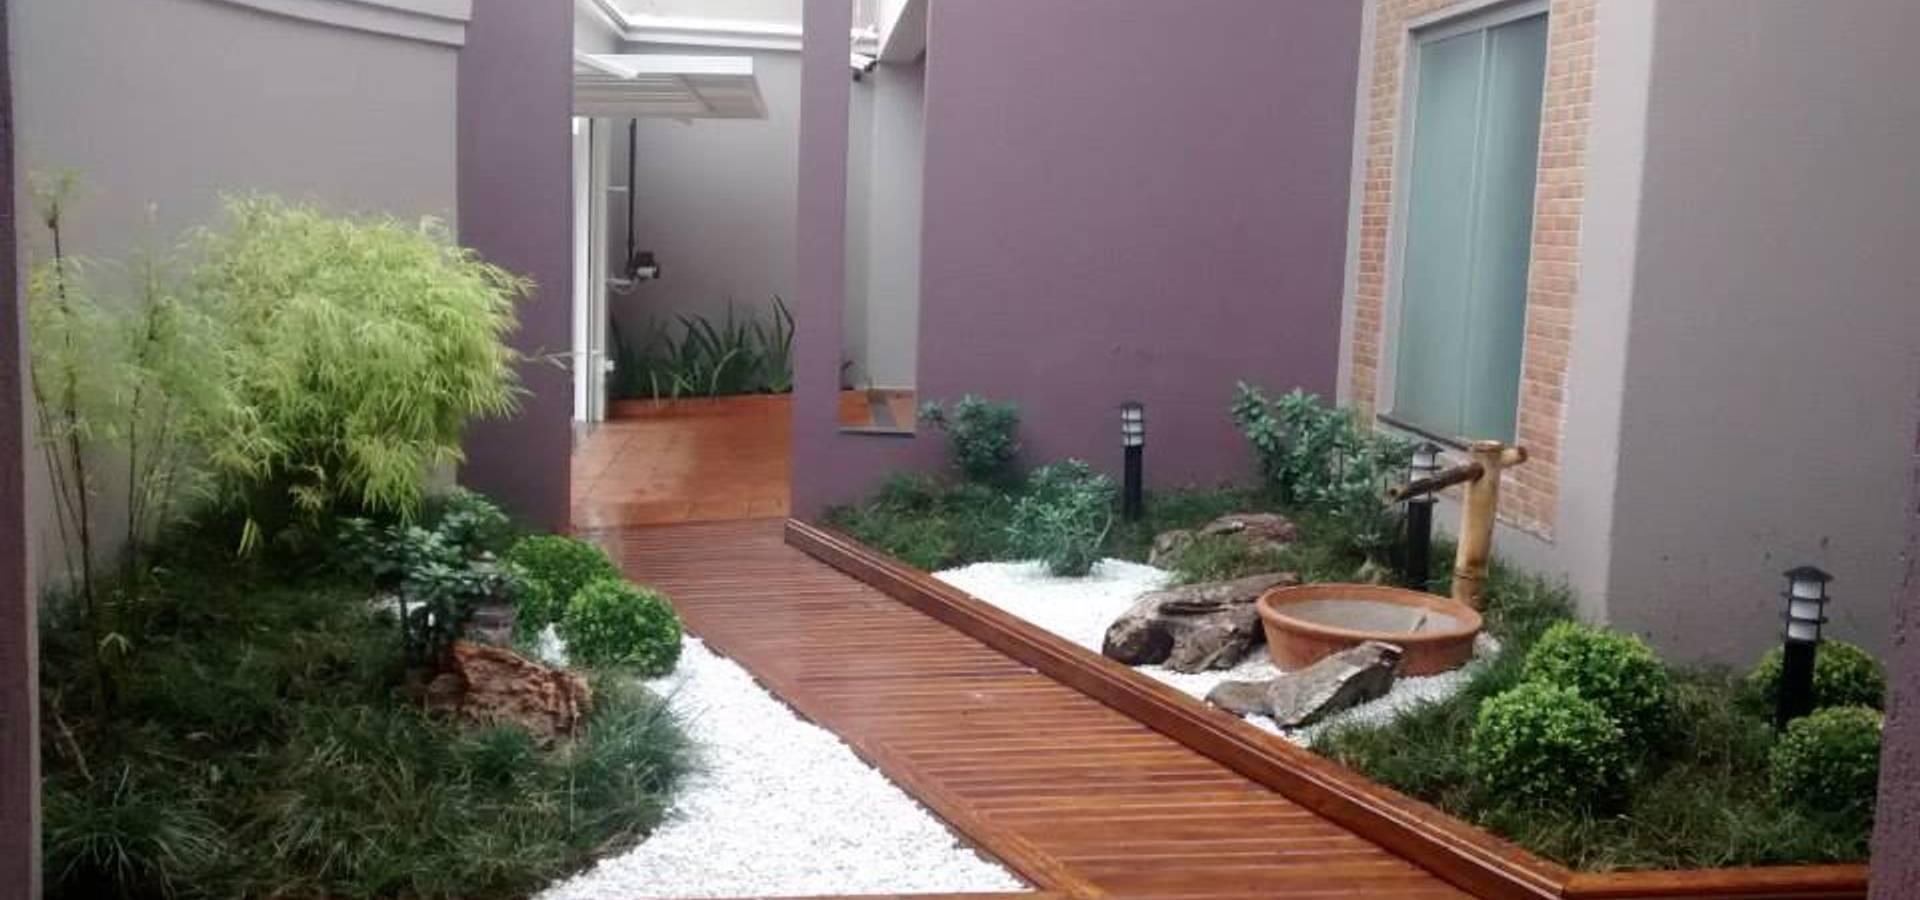 Jardins e fontes por borges arquitetura paisagismo homify for Homify jardines pequenos